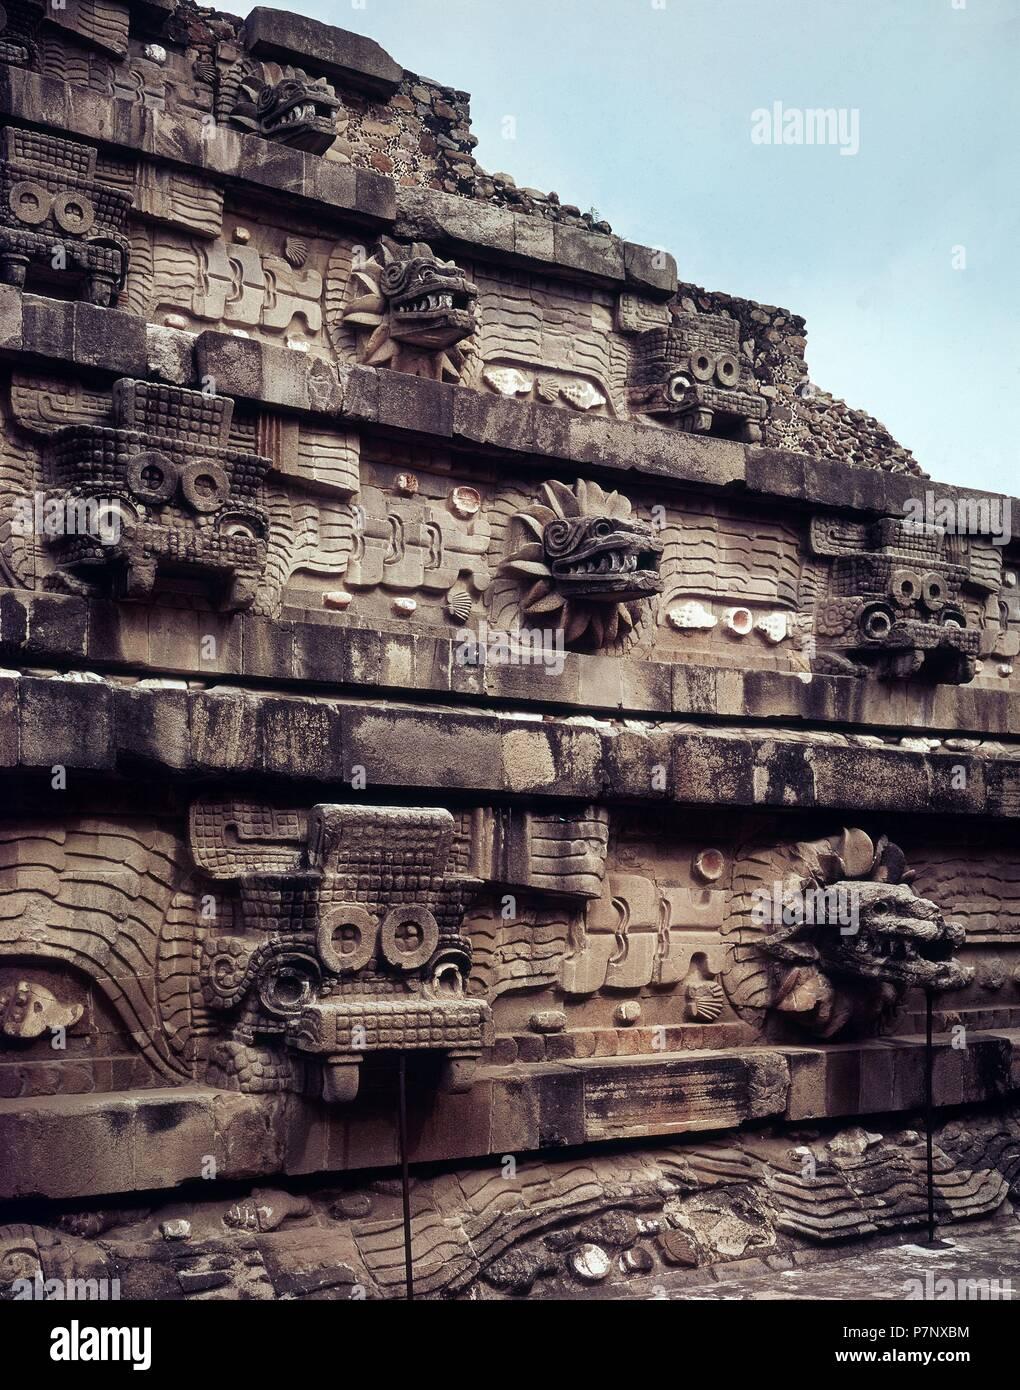 Detalle De La Decoracion De Una Piramide Location Templo